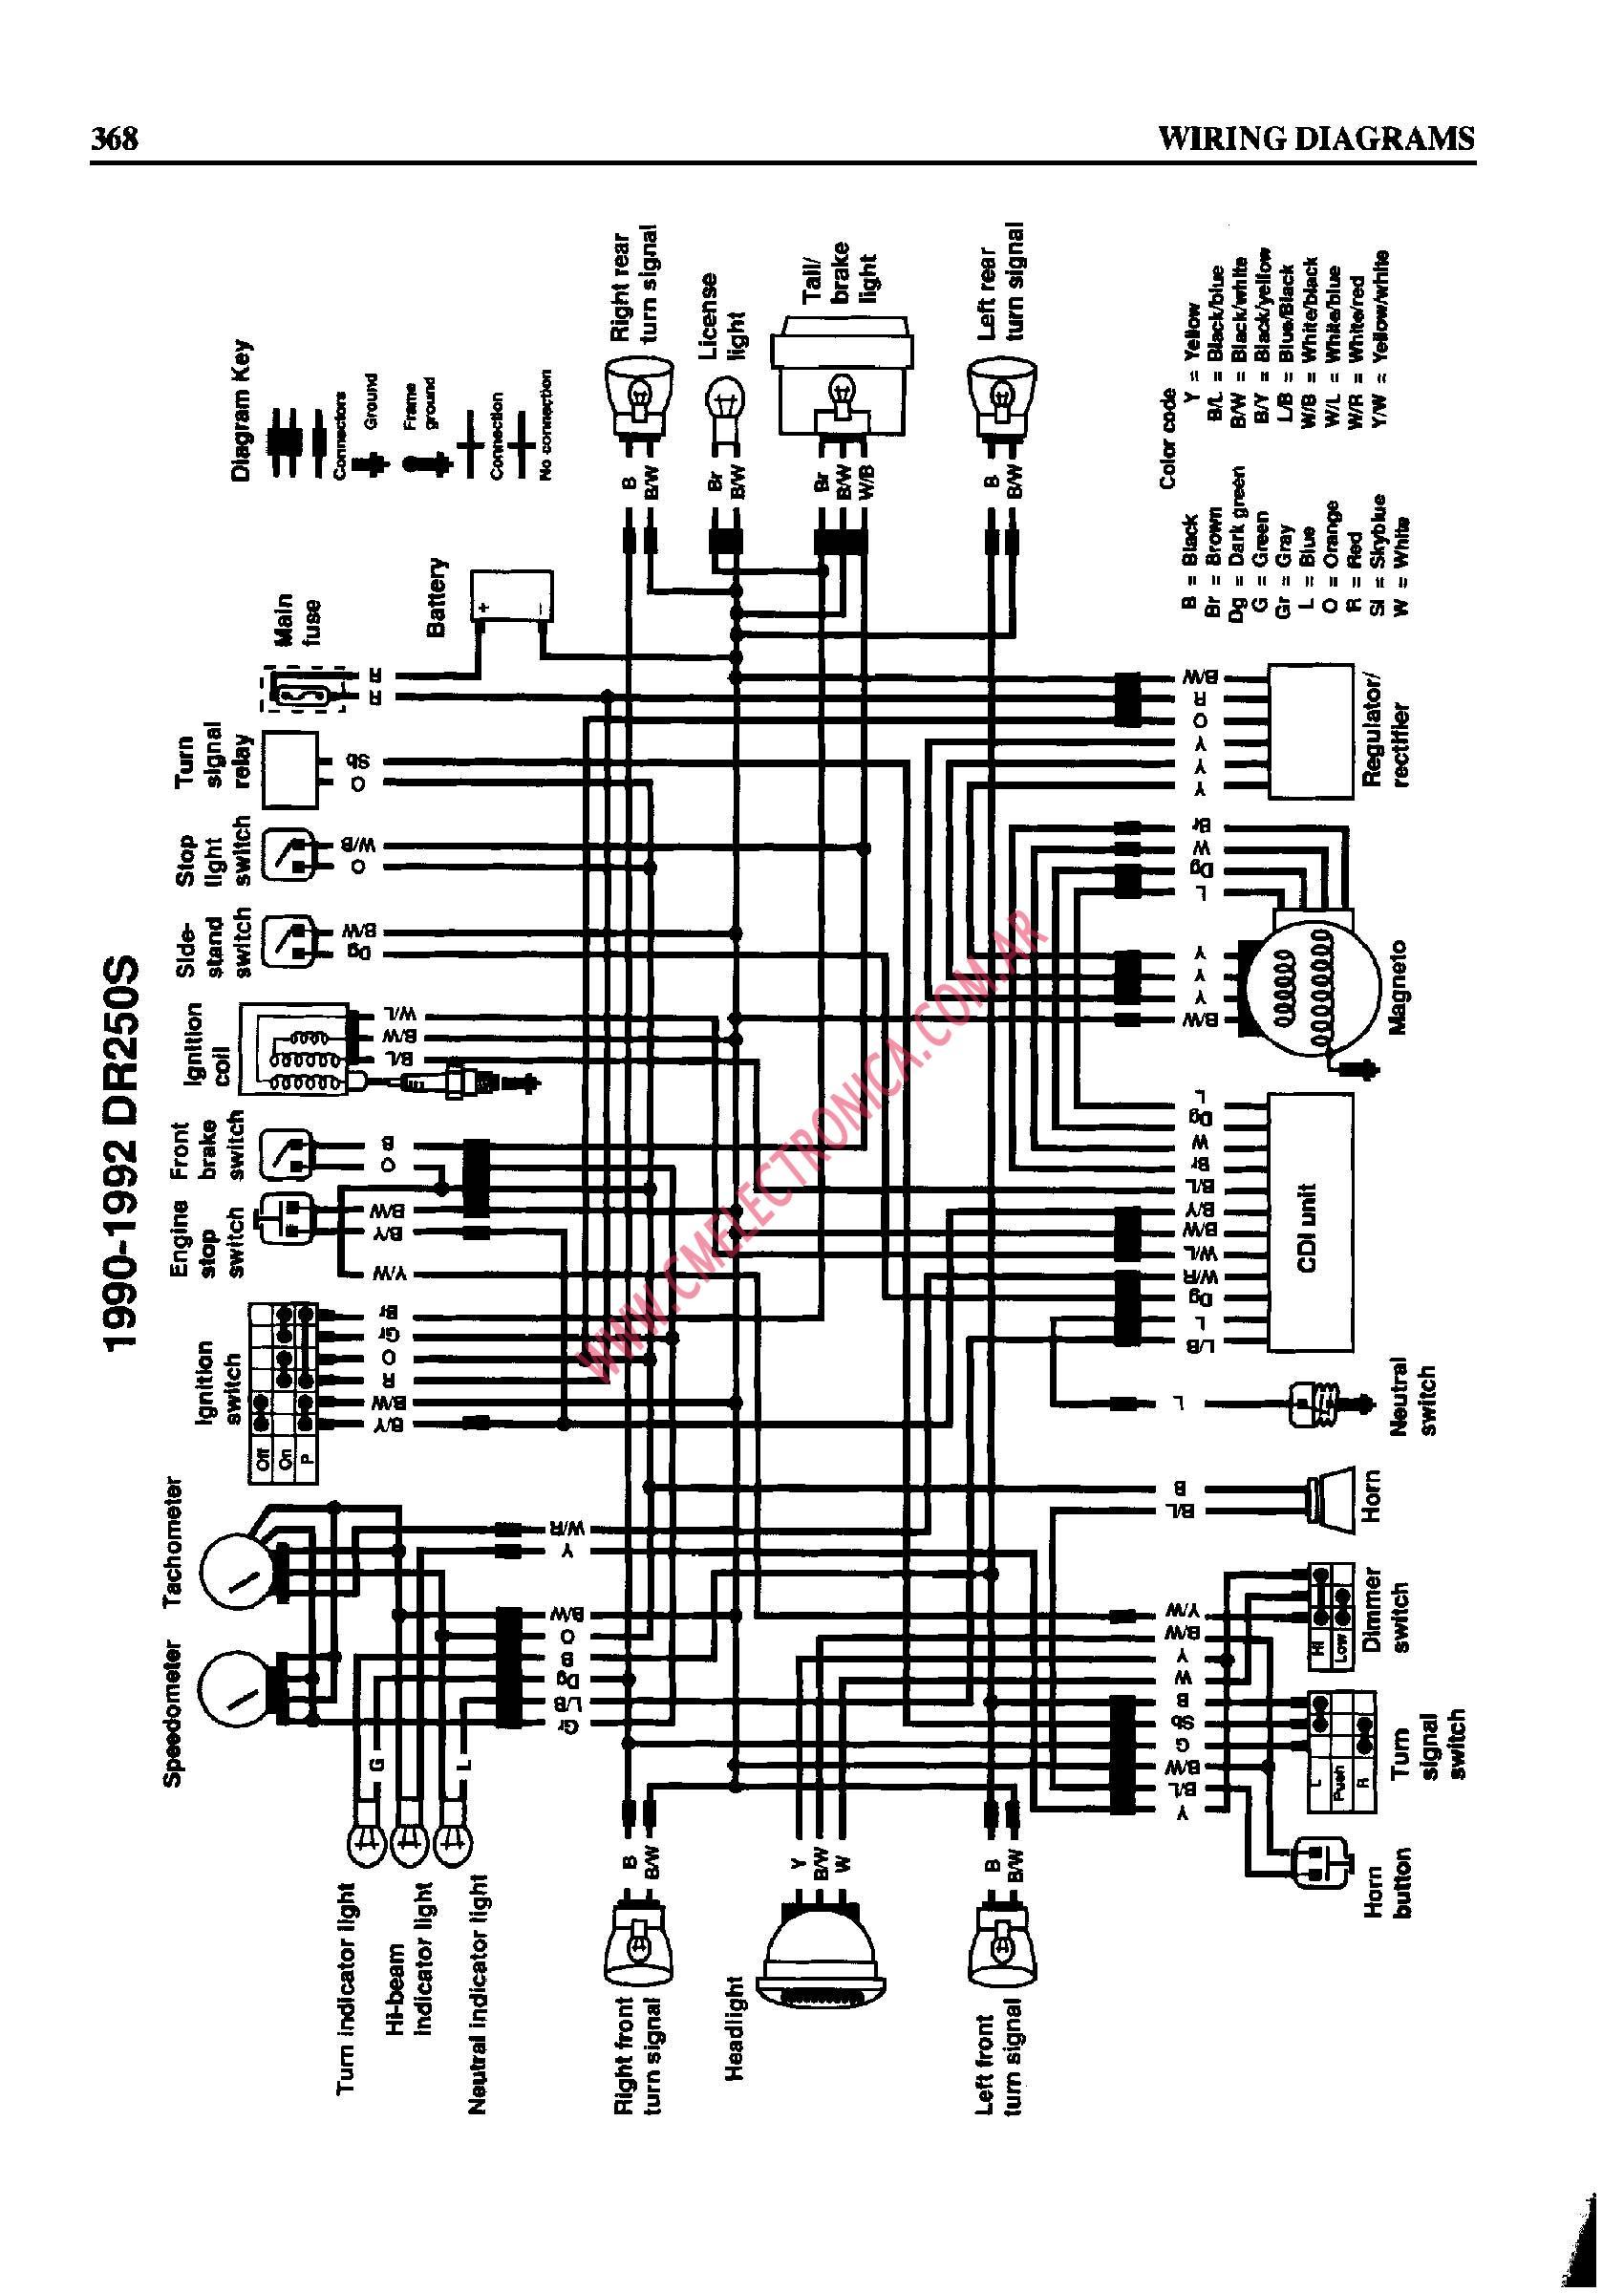 1995 Suzuki Dr350 Wiring Diagram